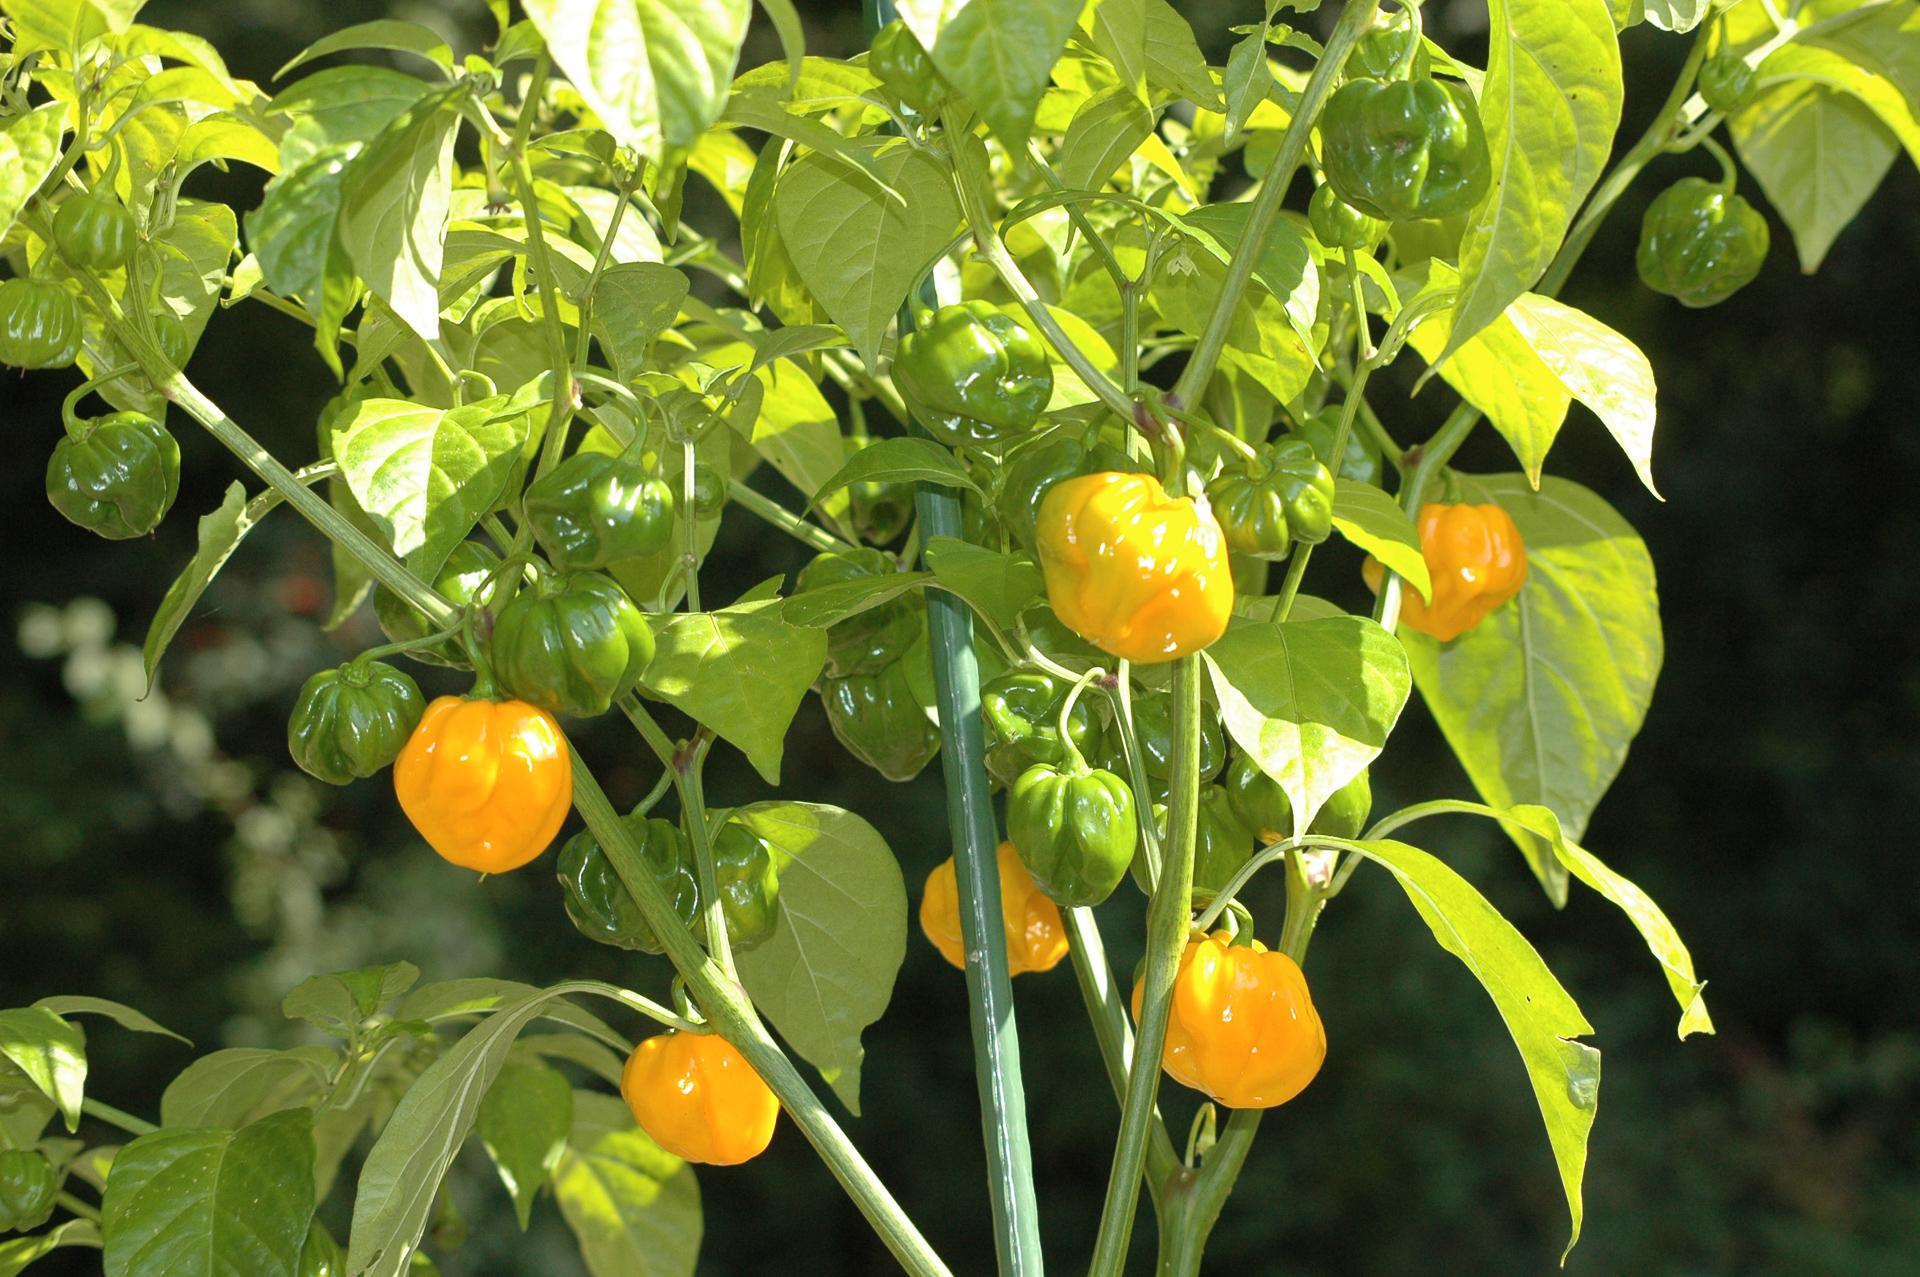 BRA 00036147-7 - Capsicum sp. - Chilisorte